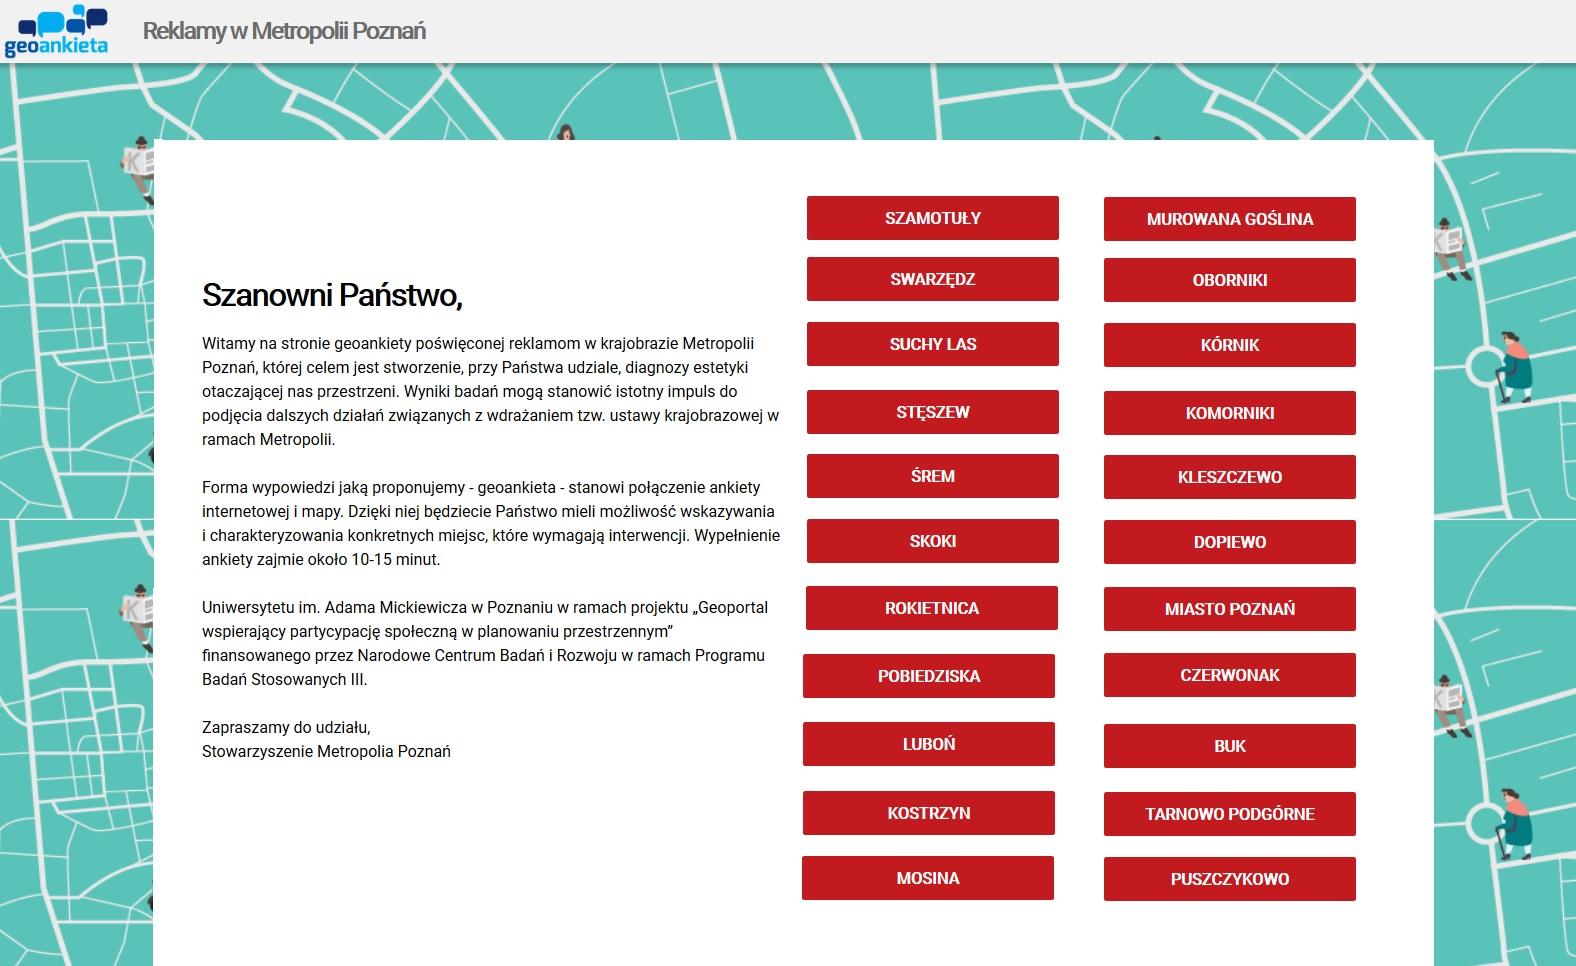 Grafika ukazująca stronę startową ankiety z hiperłączem kierującym do tej strony.